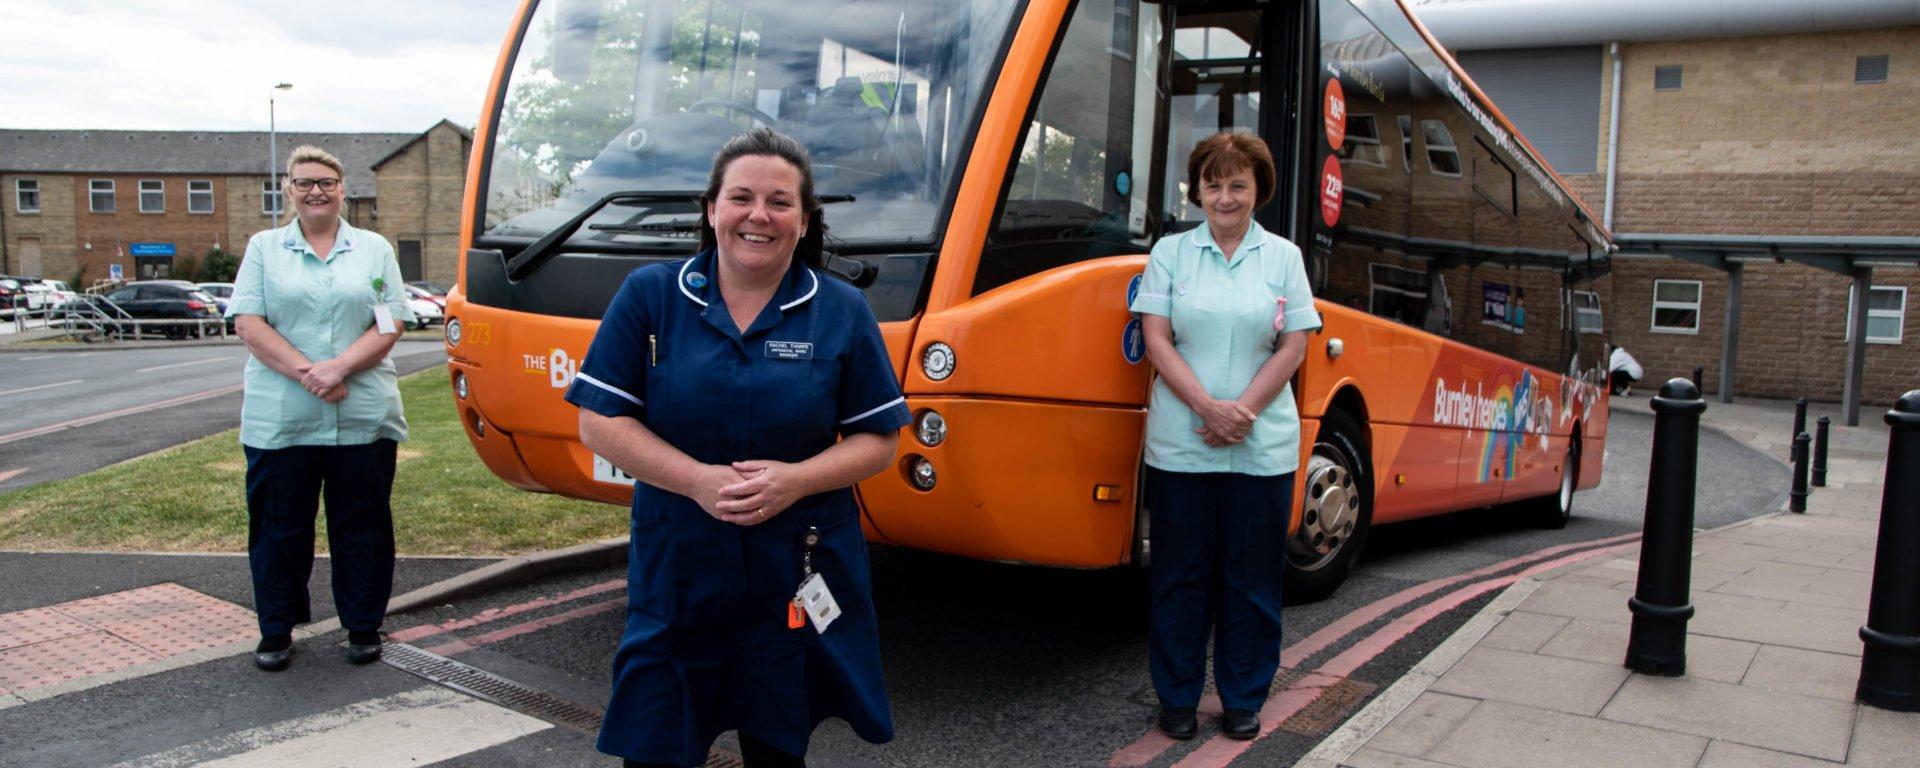 burnley-bus-co-burnley-heroes-bus